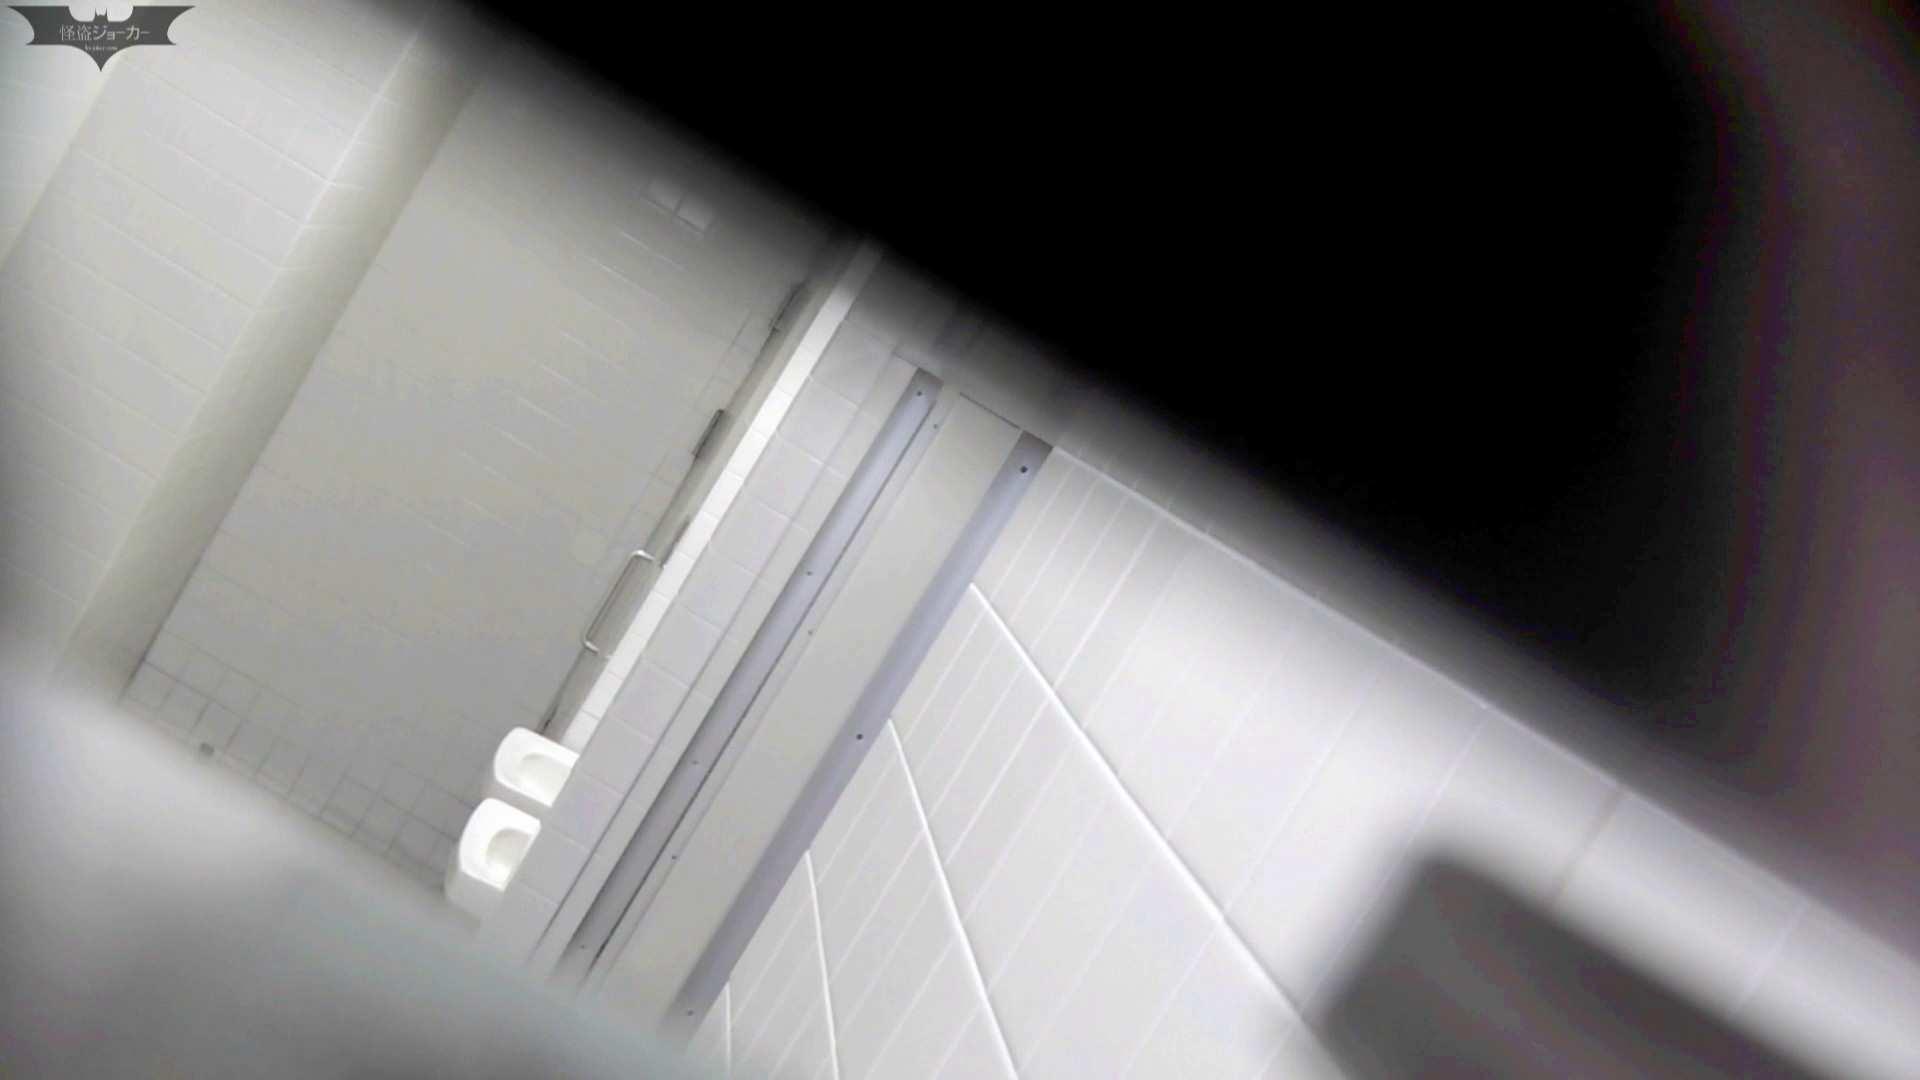 お銀 vol.68 無謀に通路に飛び出て一番明るいフロント撮り実現、見所満載 美人 アダルト動画キャプチャ 94連発 62